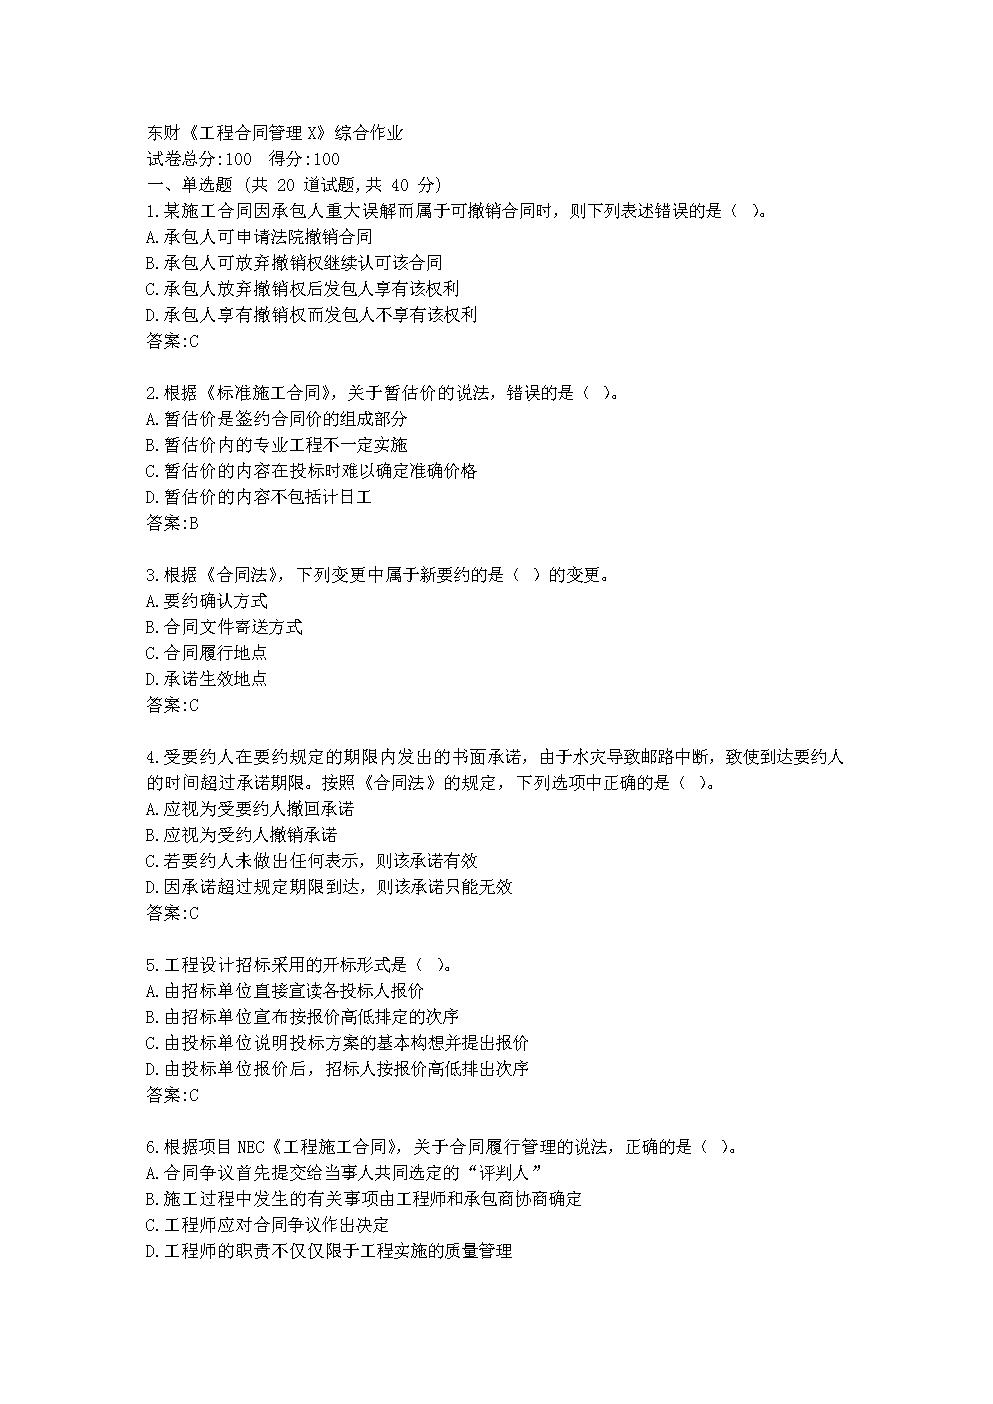 东财20秋《工程合同管理X》综合作业【标准答案】.docx